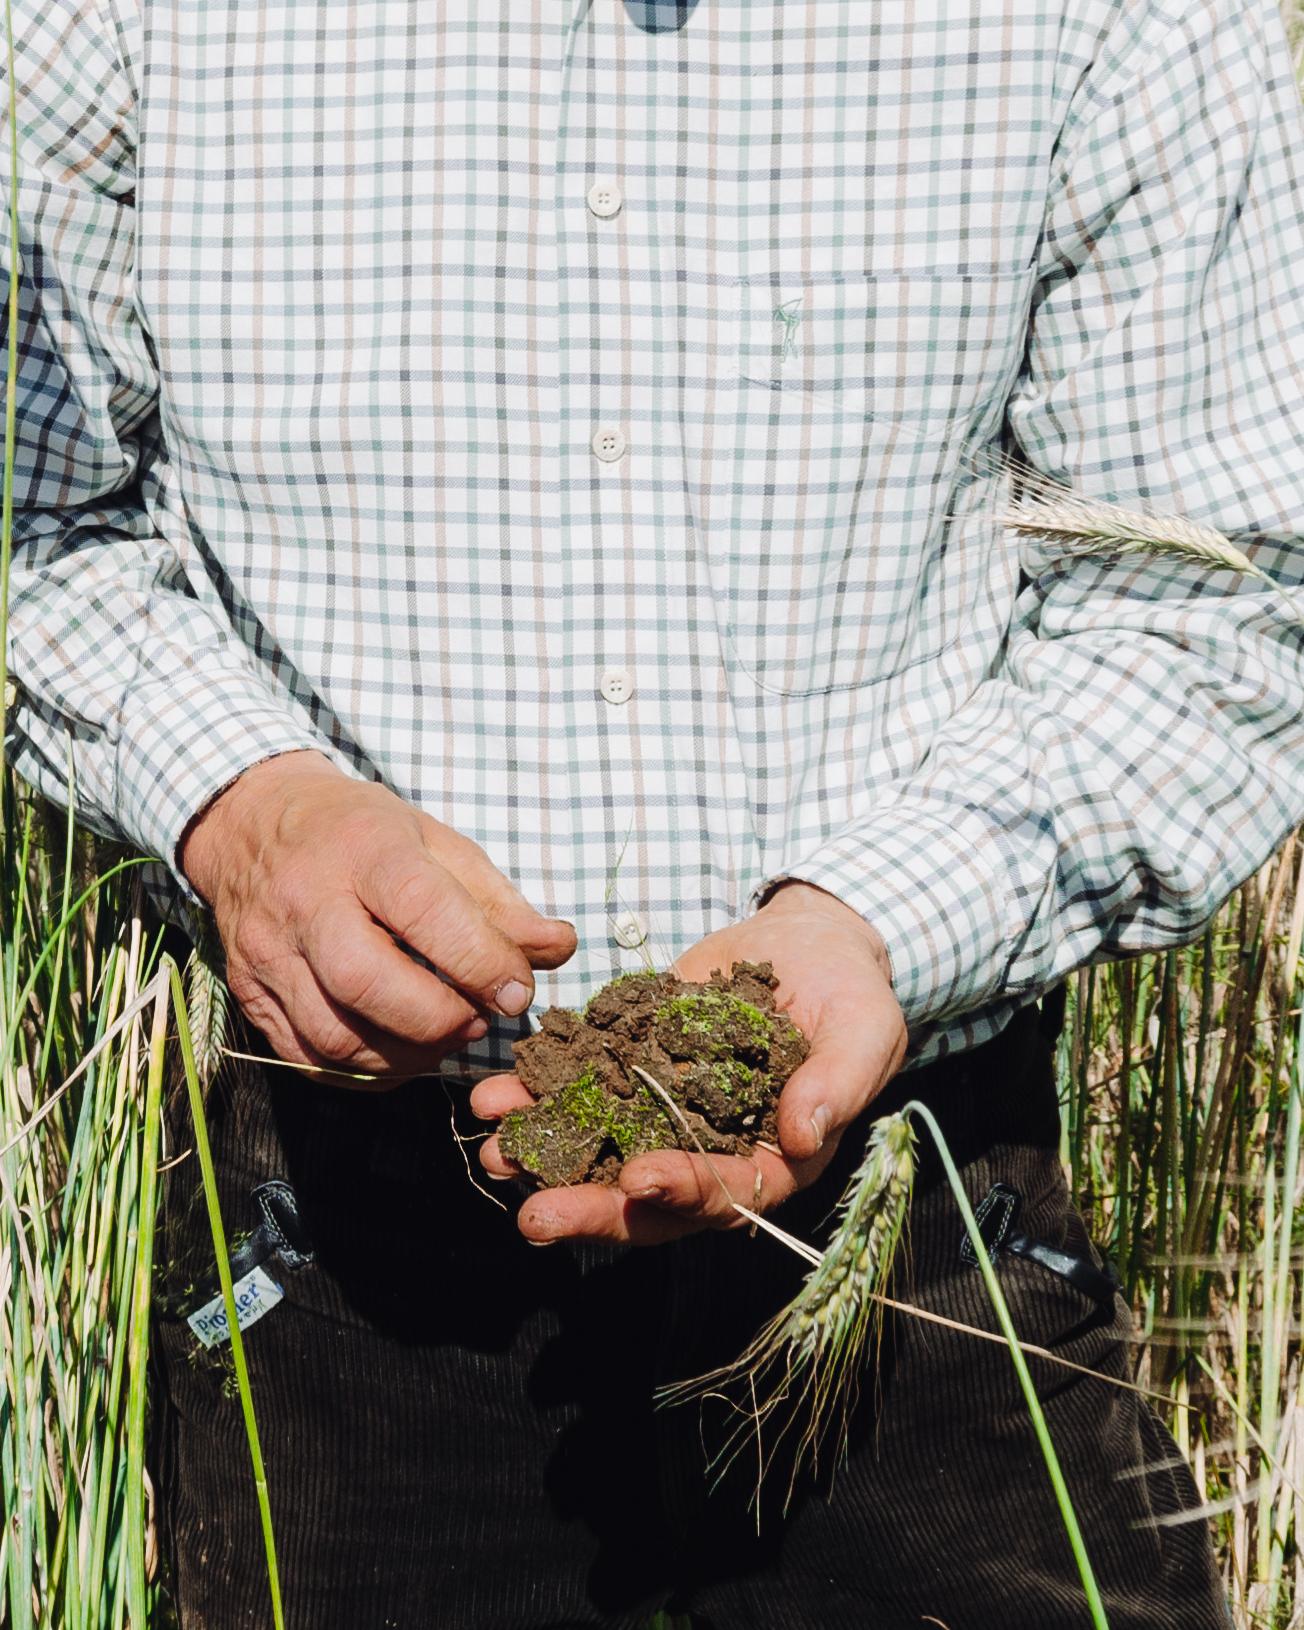 Der Bauer überprüft die Qualität des Bodens.